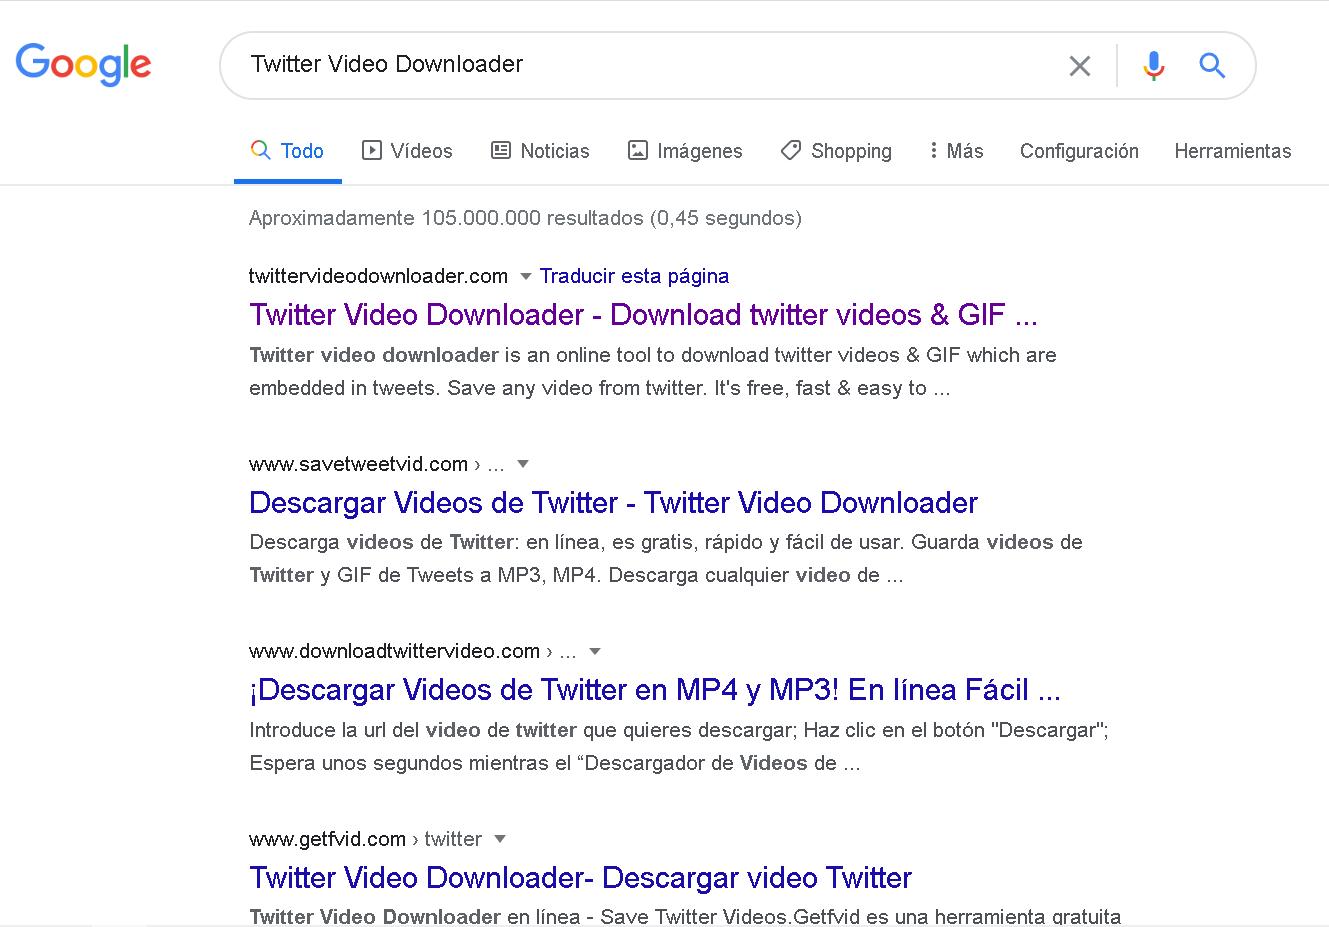 Cómo descargar imágenes y vídeos de Twitter